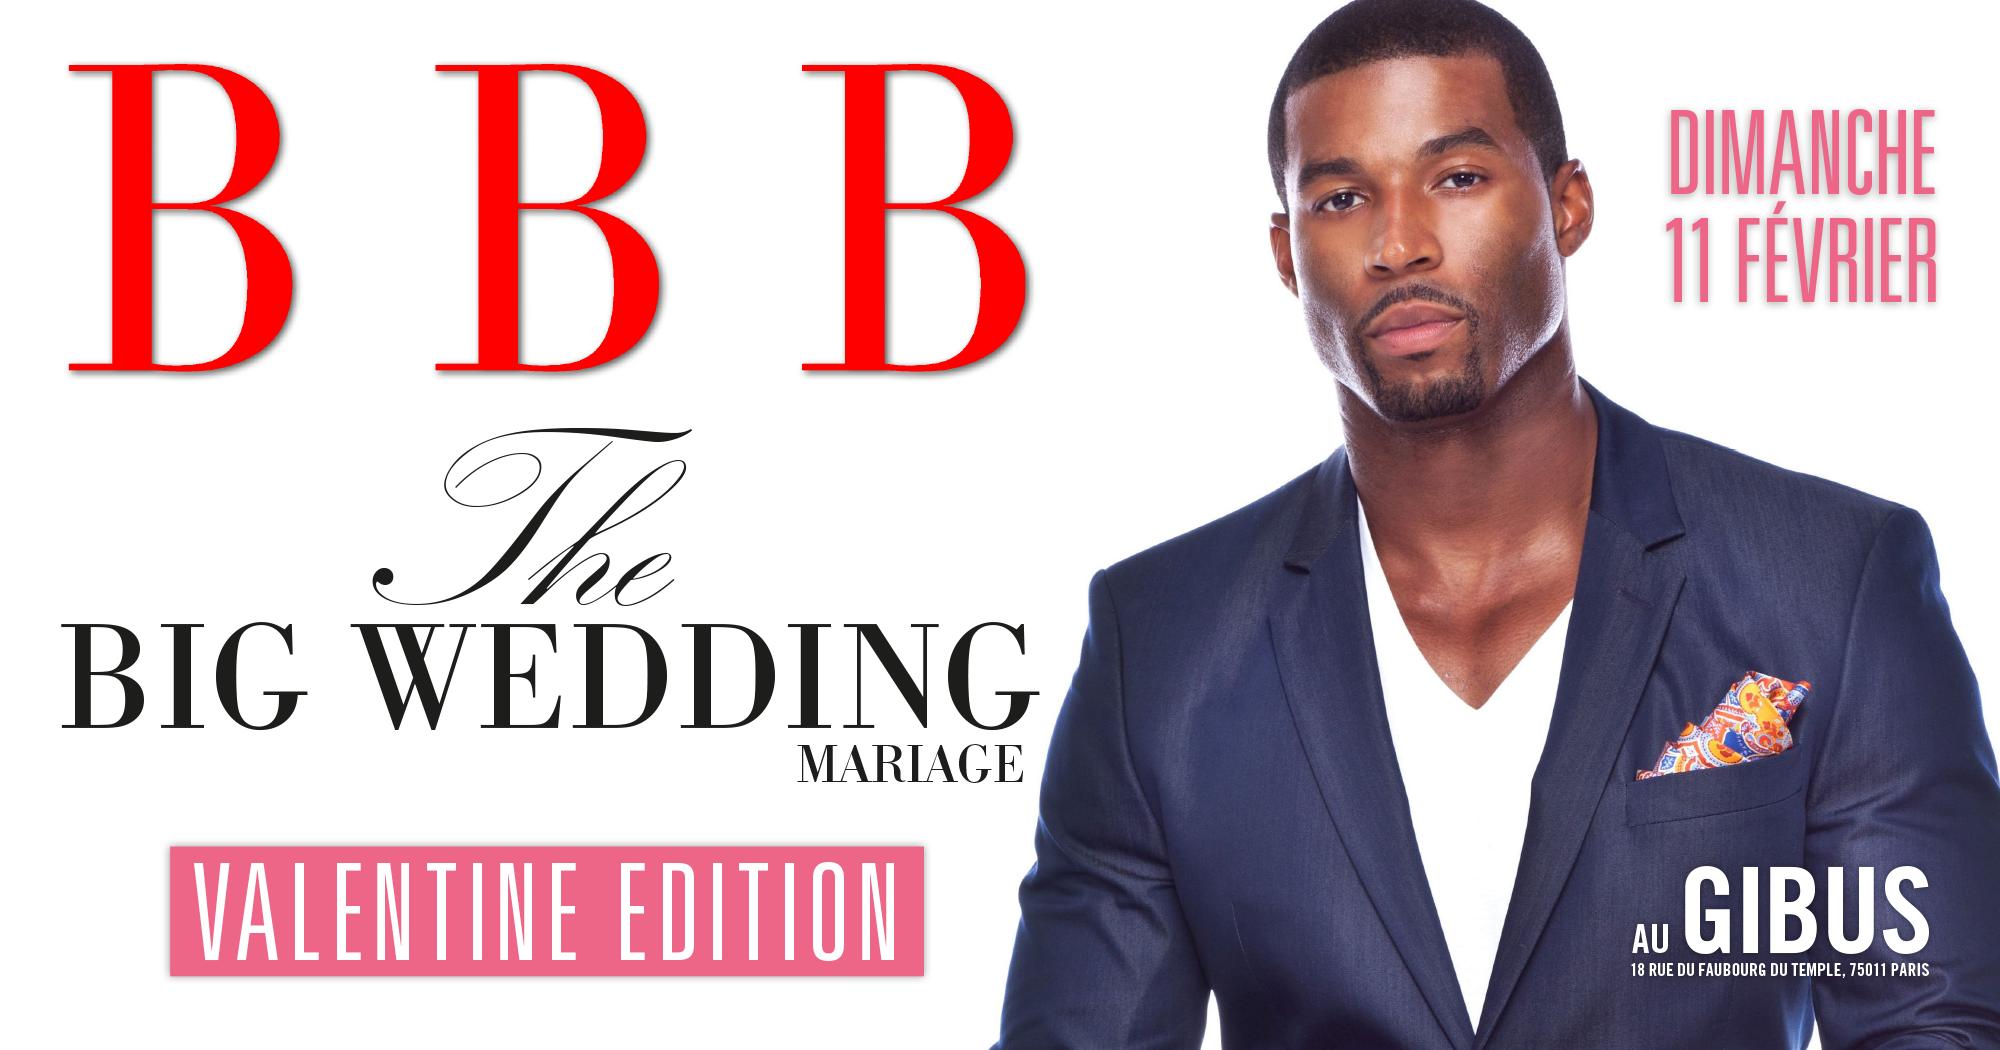 BBB 11 FEVRIER WEDDING.png